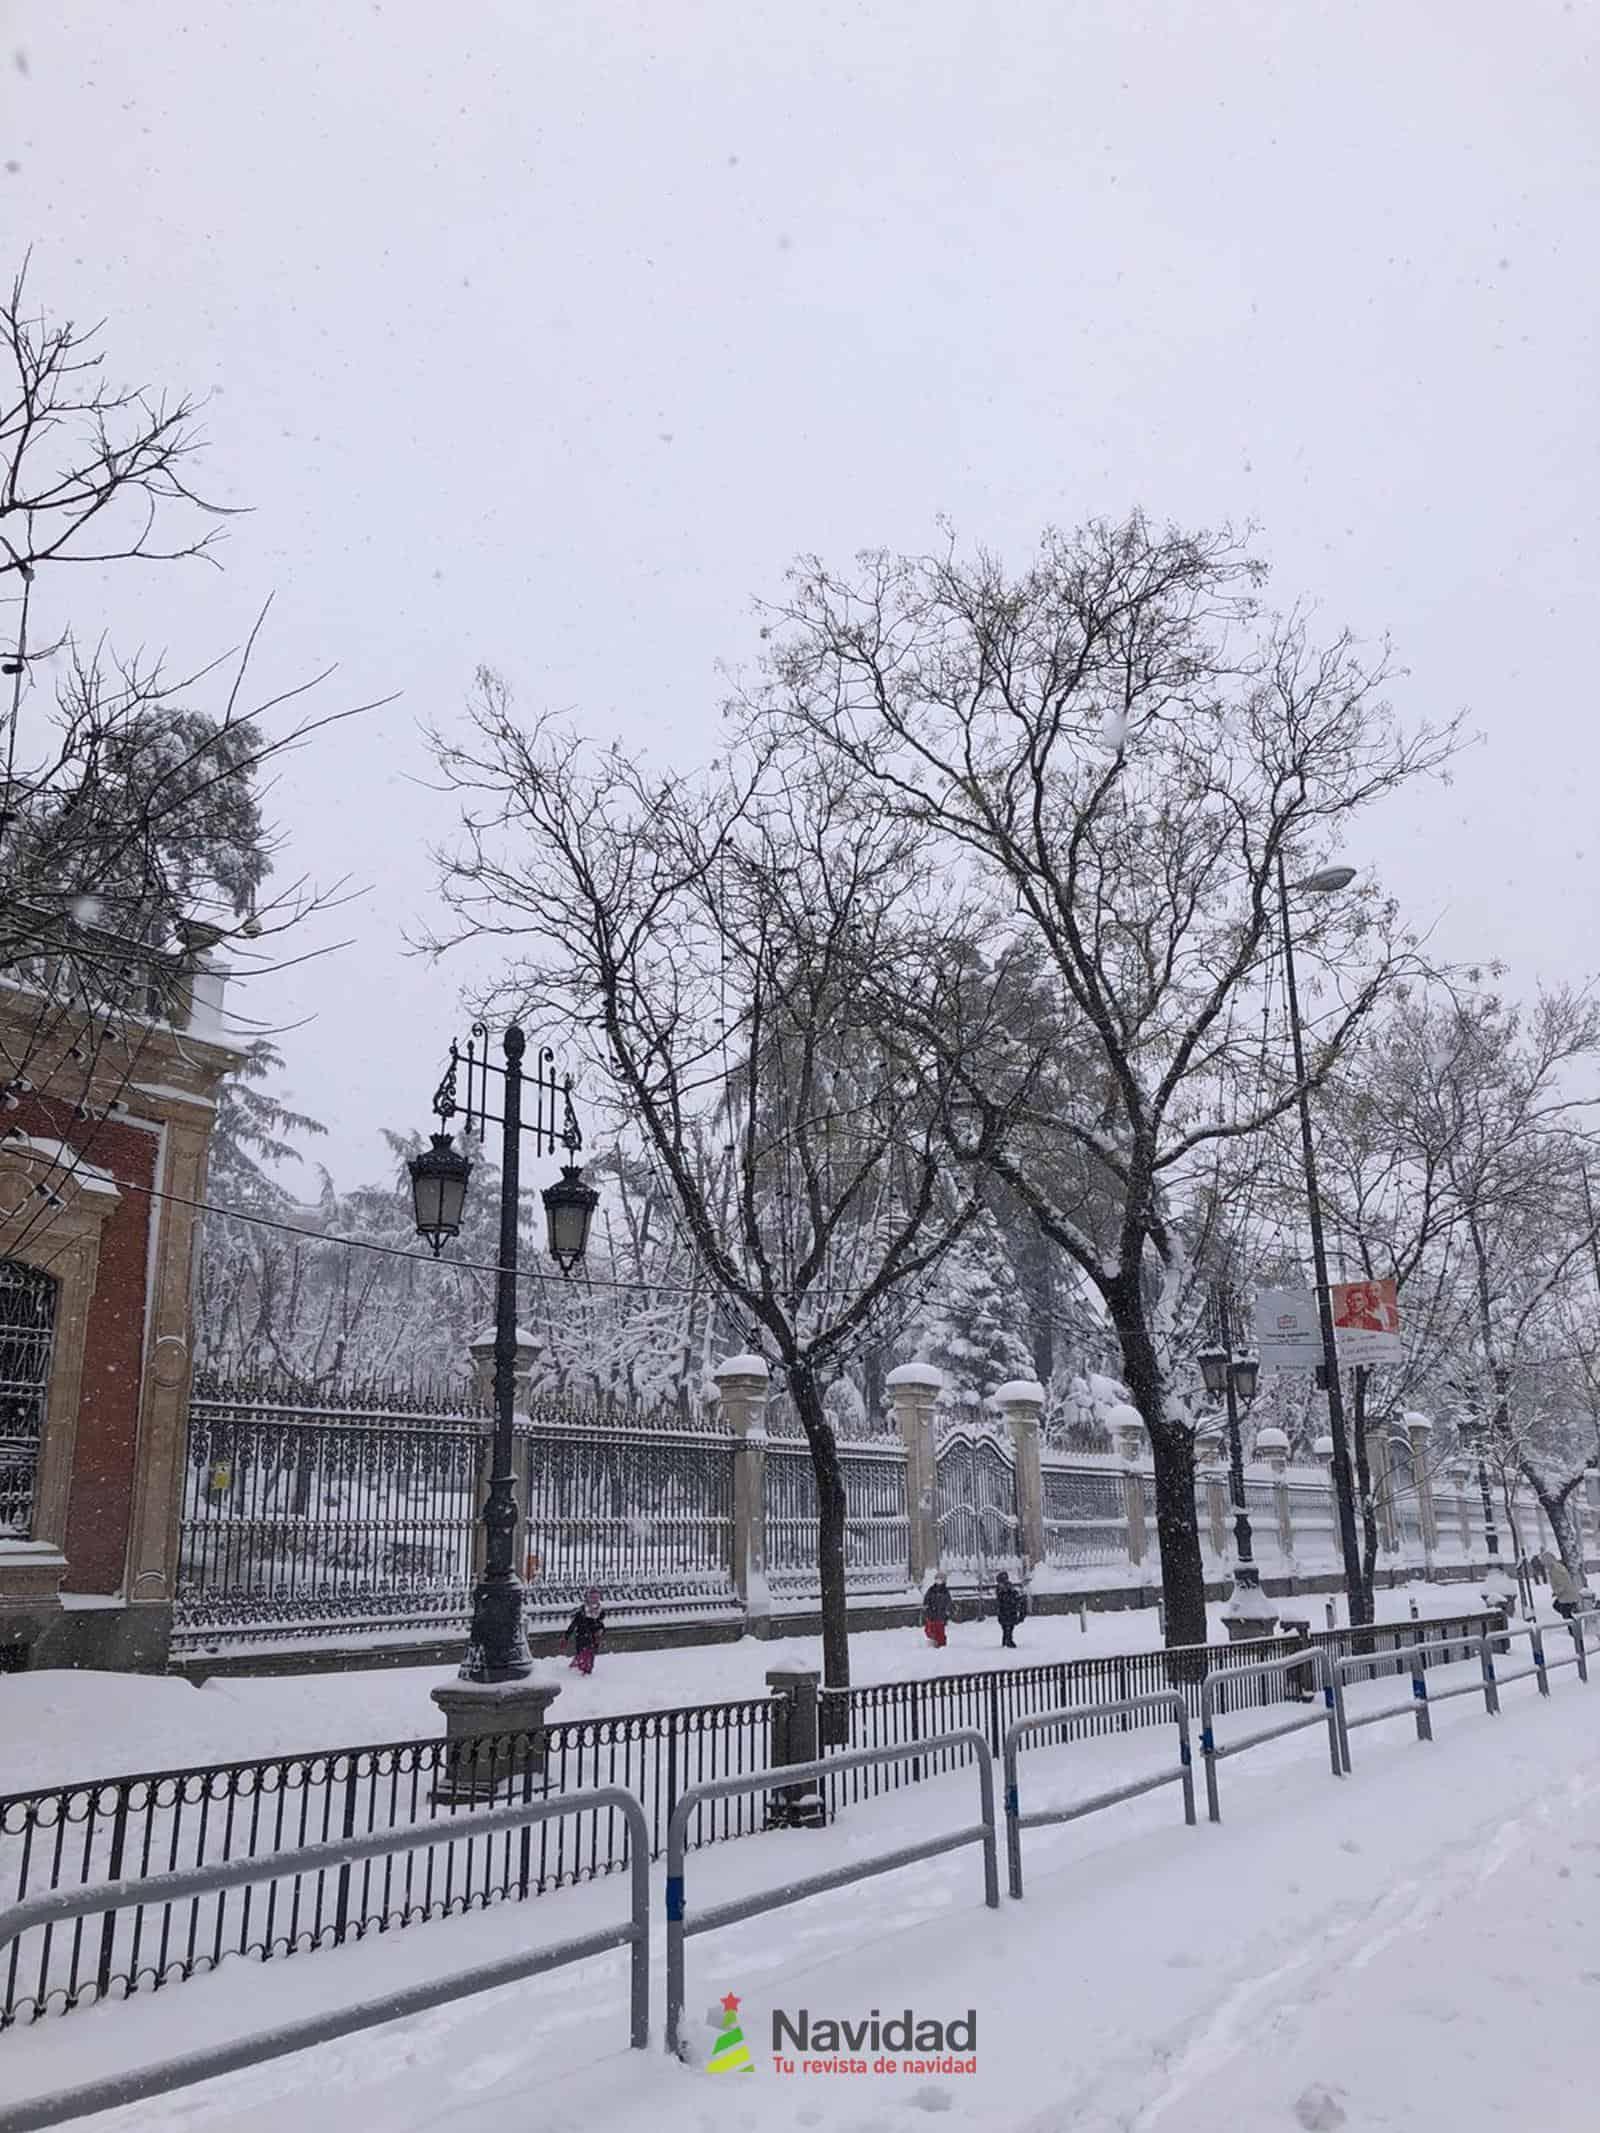 Fotografías de la nevada de enero en Madrid (España) 169